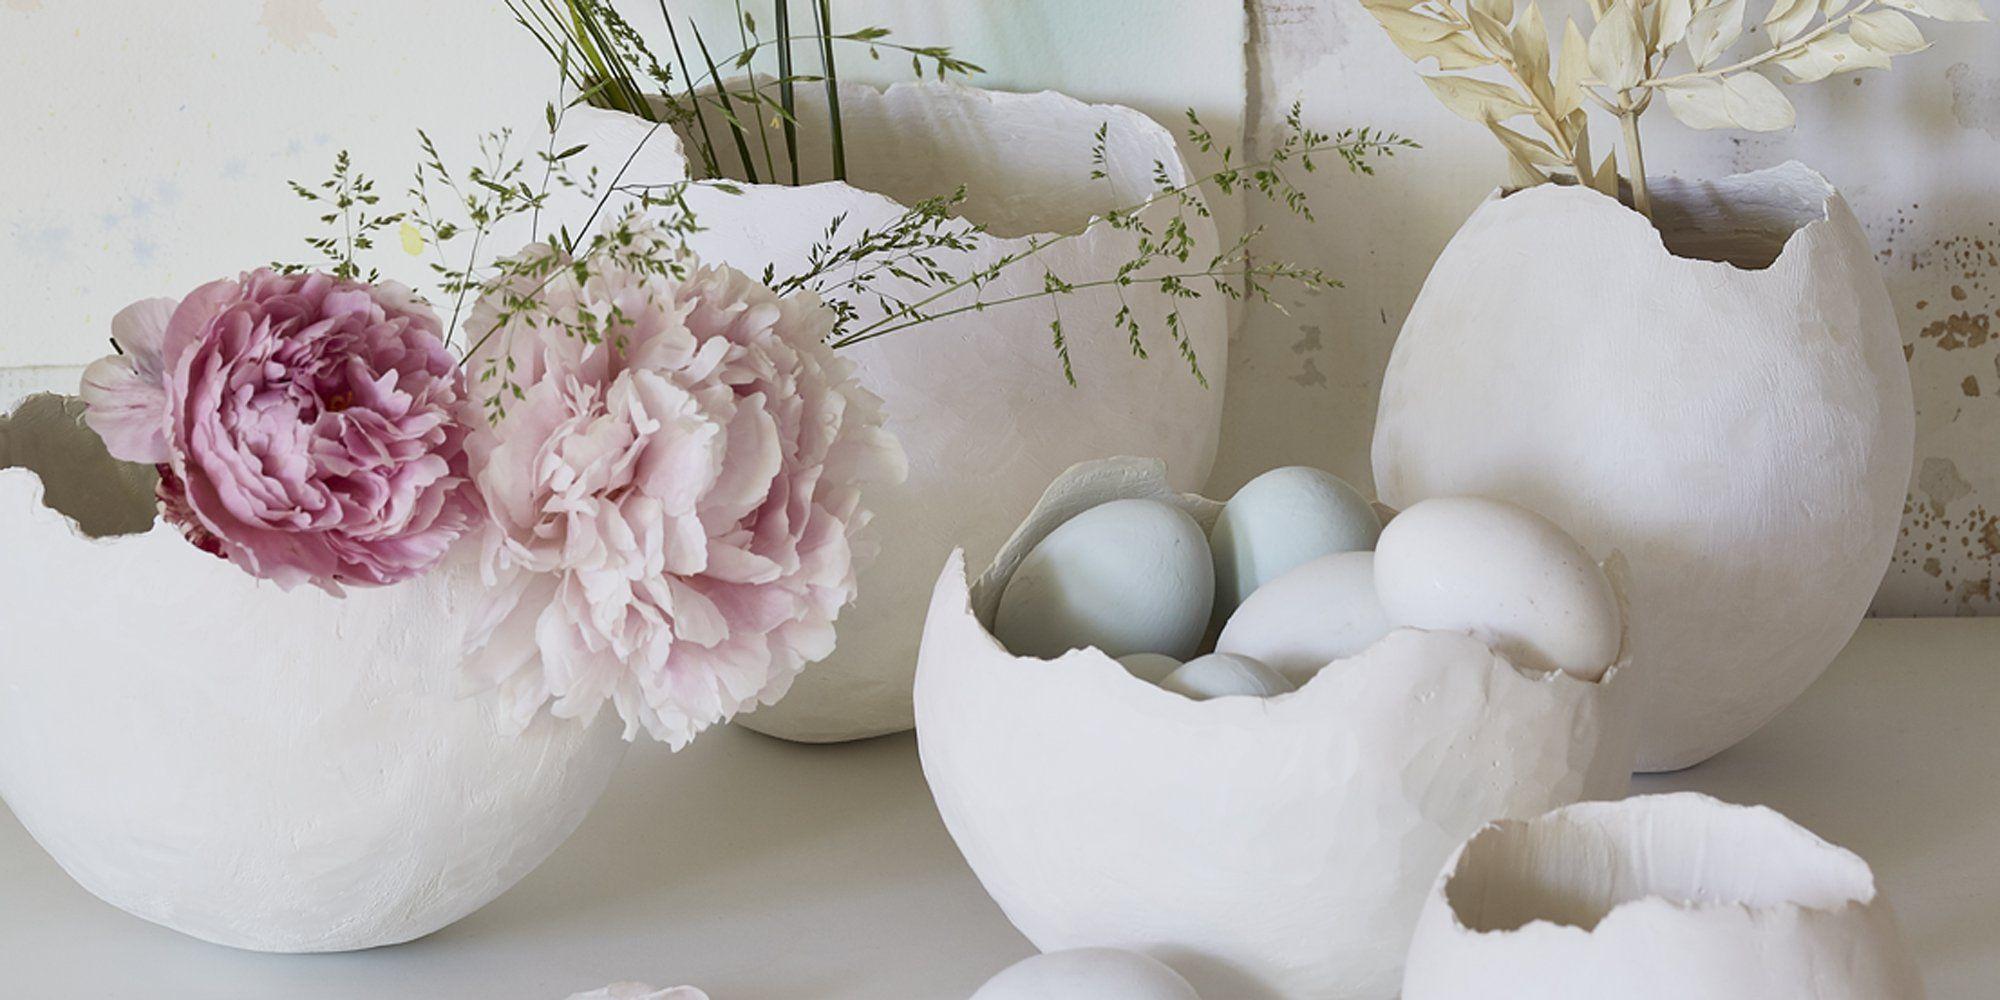 fabriquer des vases avec des bandes de pl tre bricolage. Black Bedroom Furniture Sets. Home Design Ideas